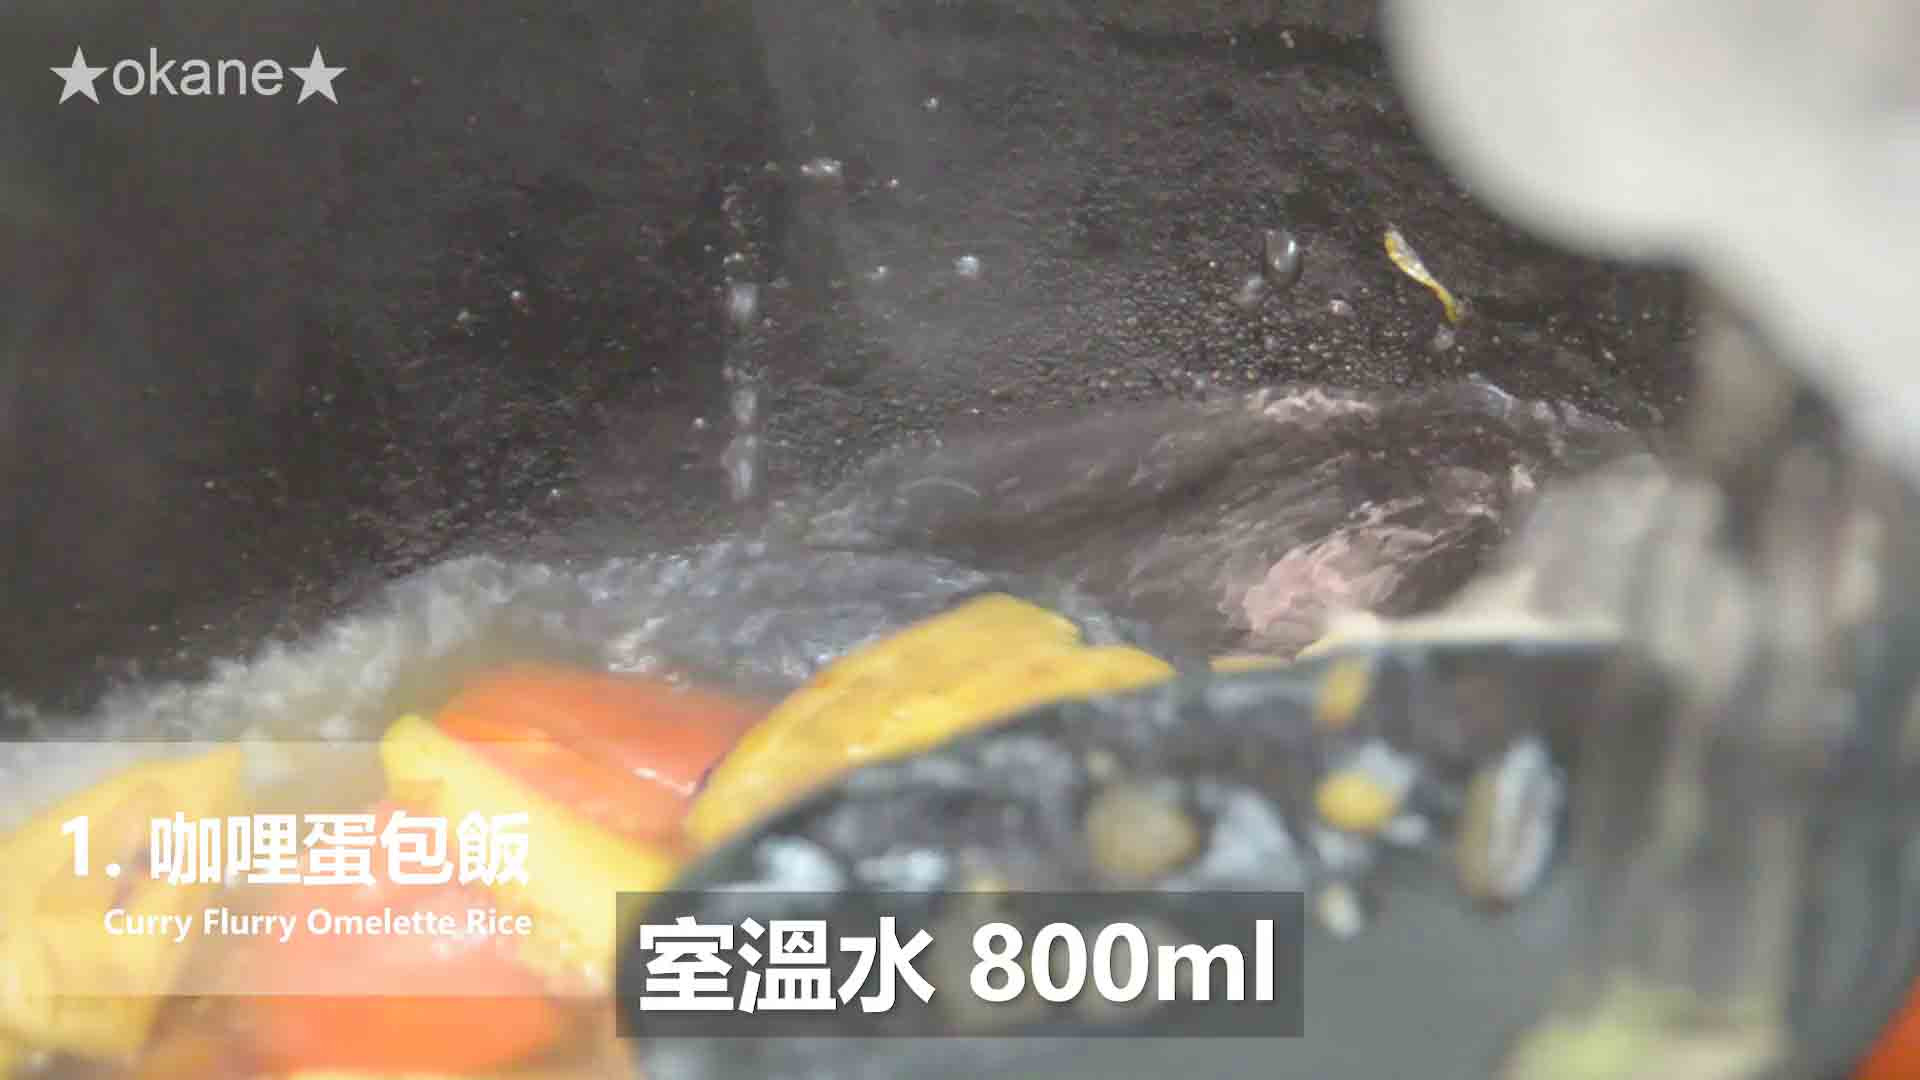 日系S&B金牌(純素)咖哩✨跨界蔬食的美味驚艷的第 11 張圖片